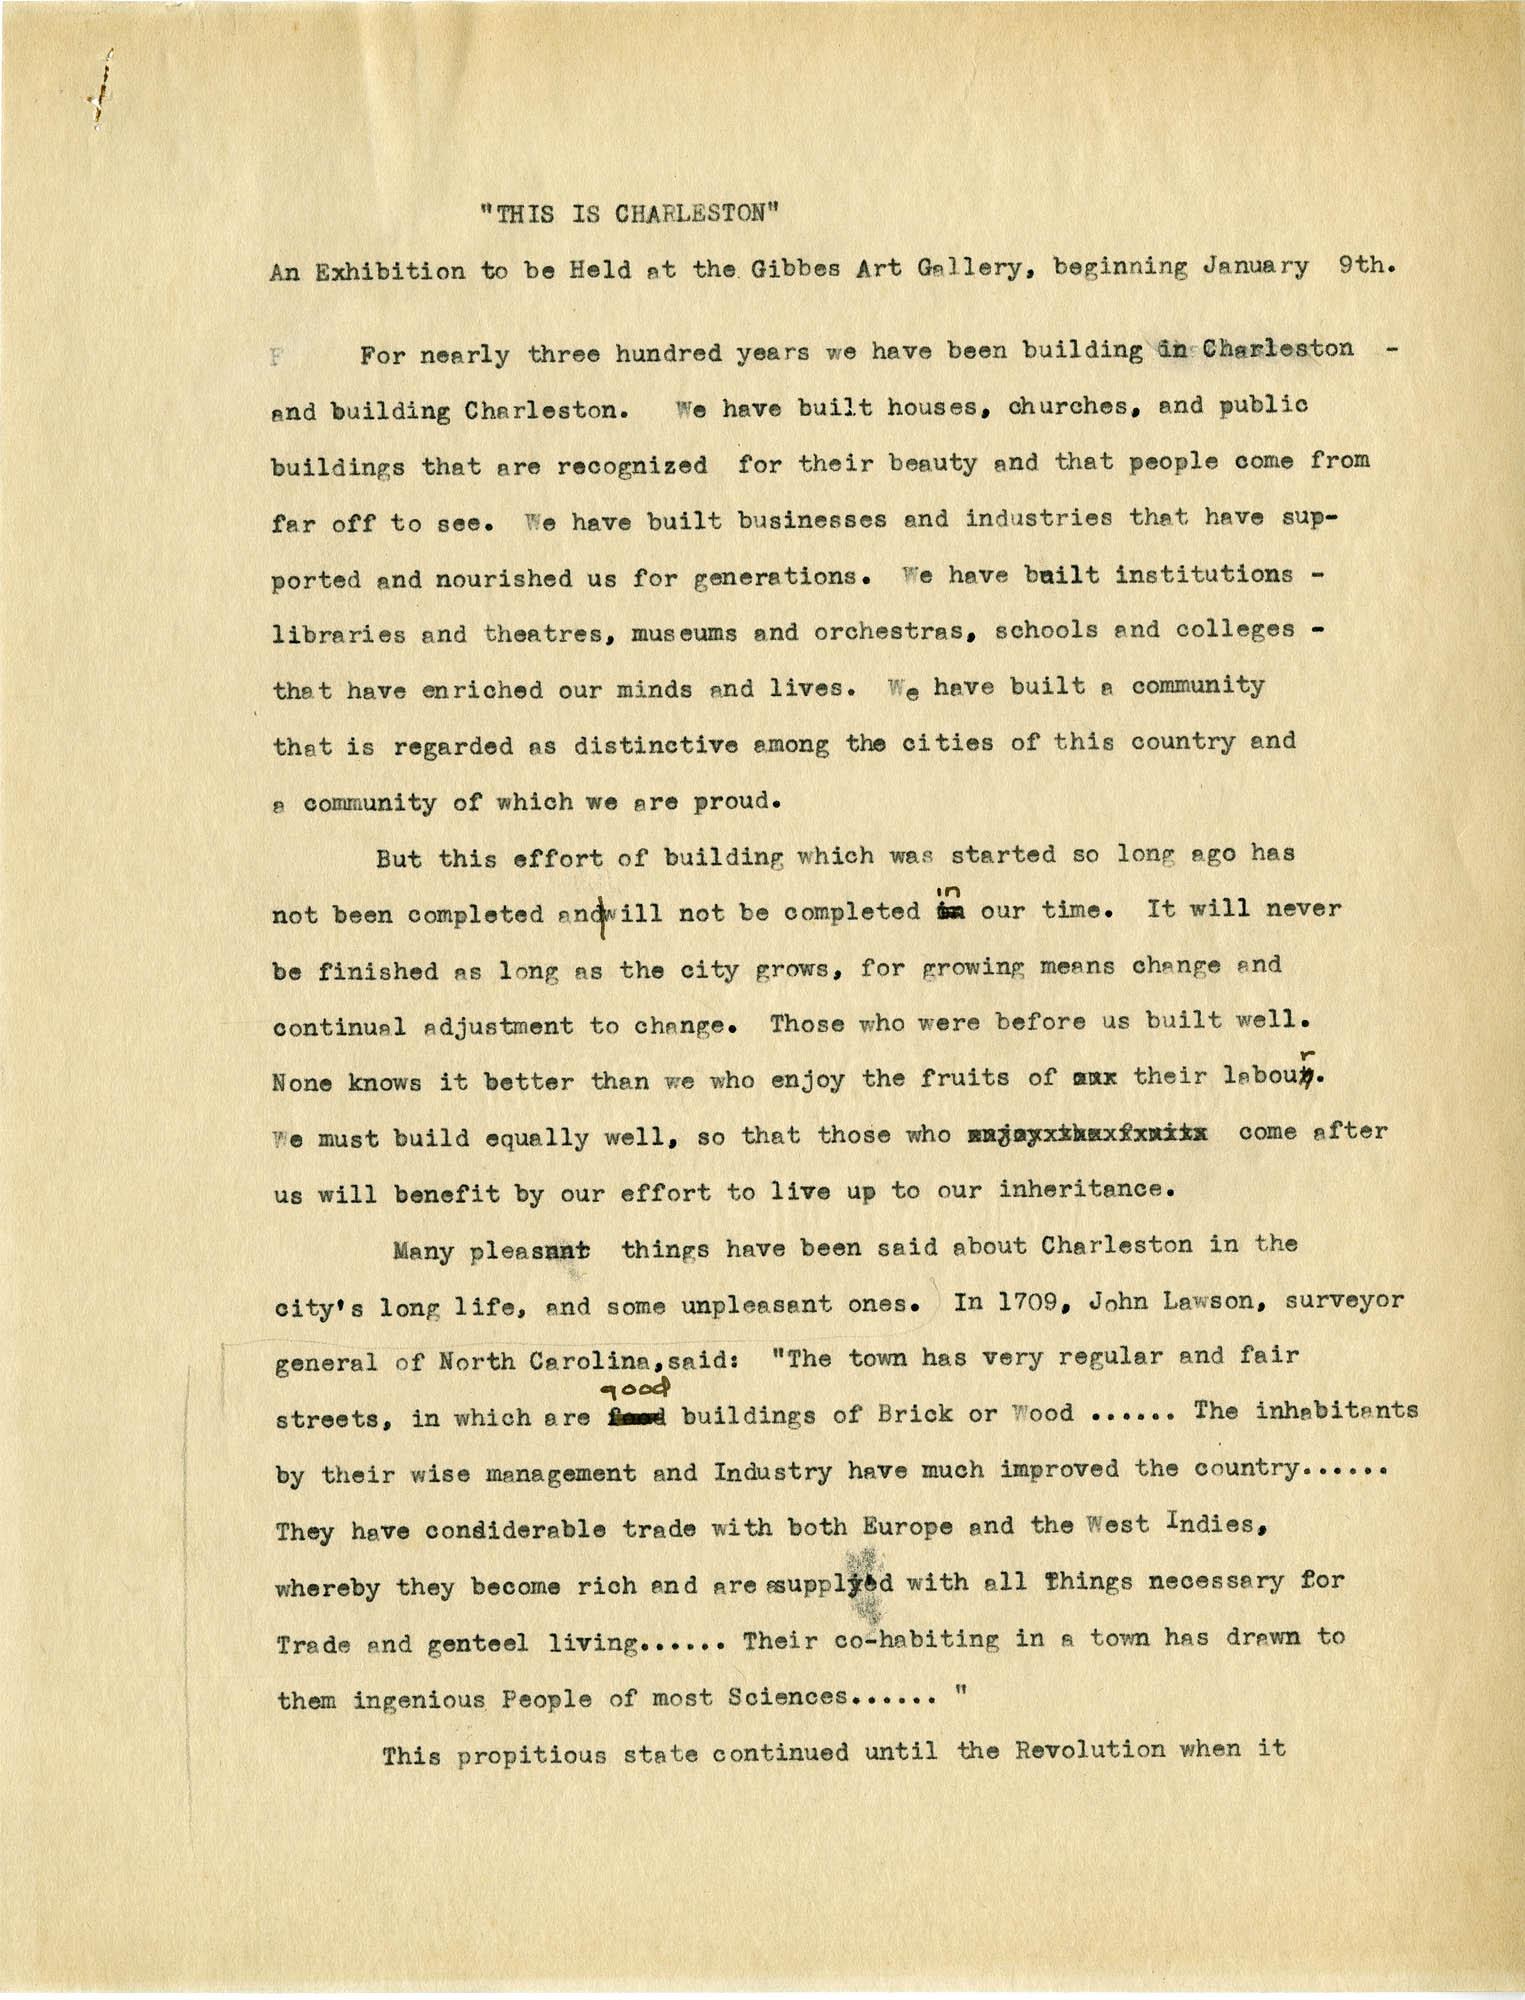 Folder 29: Exhibit Description